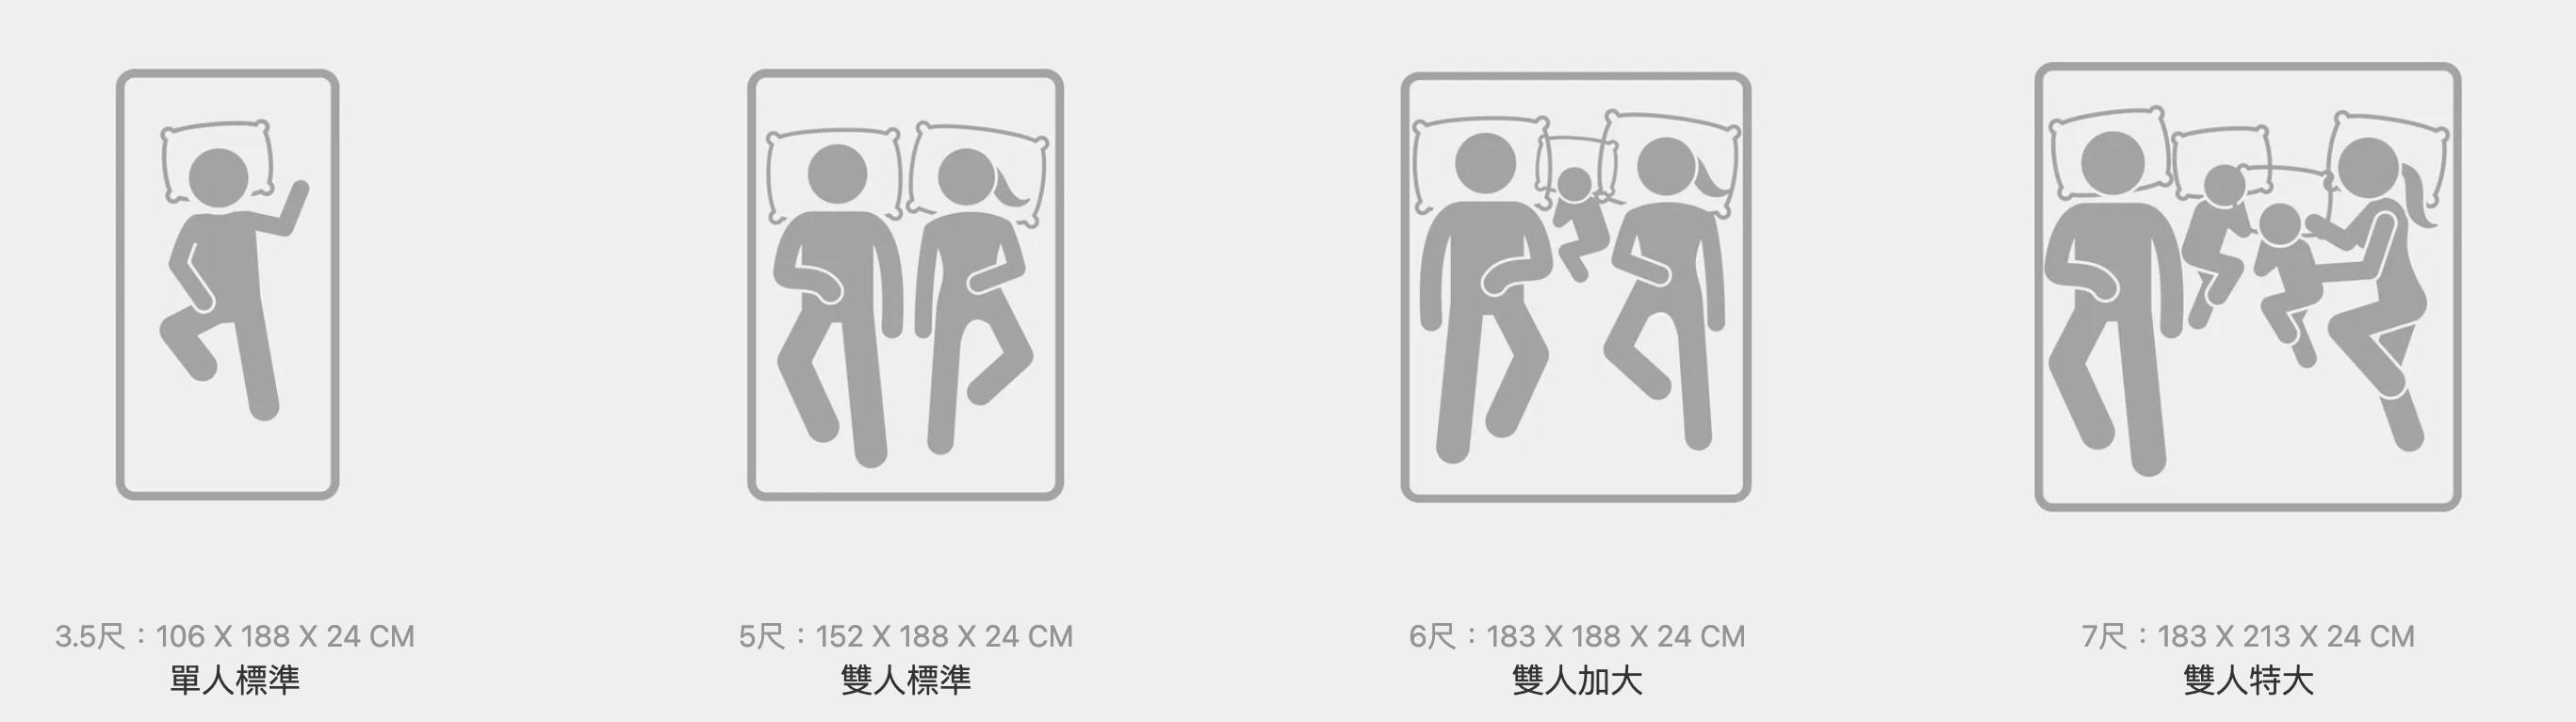 台灣常見彈簧床墊尺寸